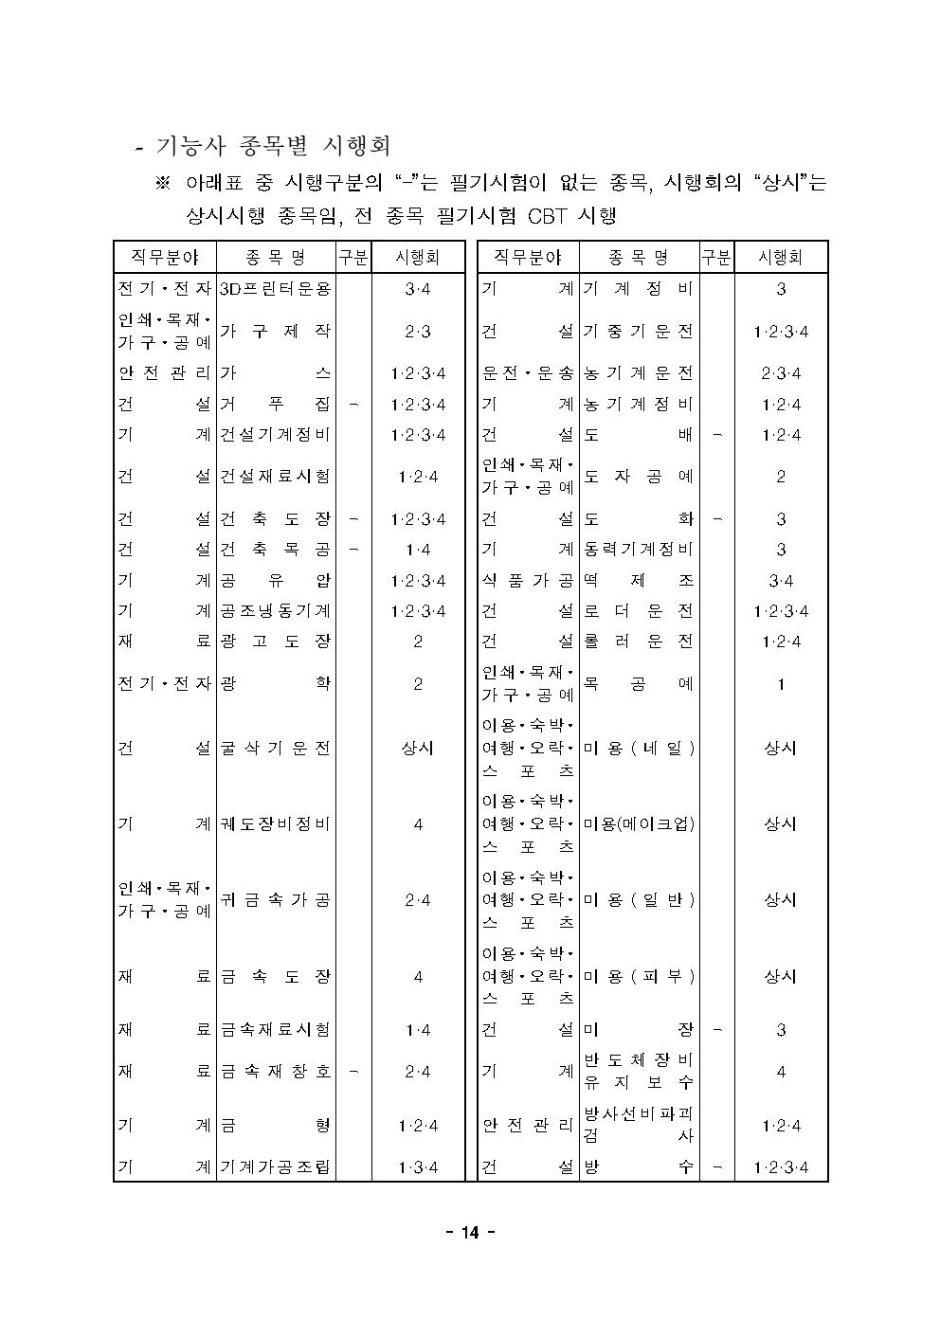 2020년도 국가기술자격검정 시행 공고014.jpg